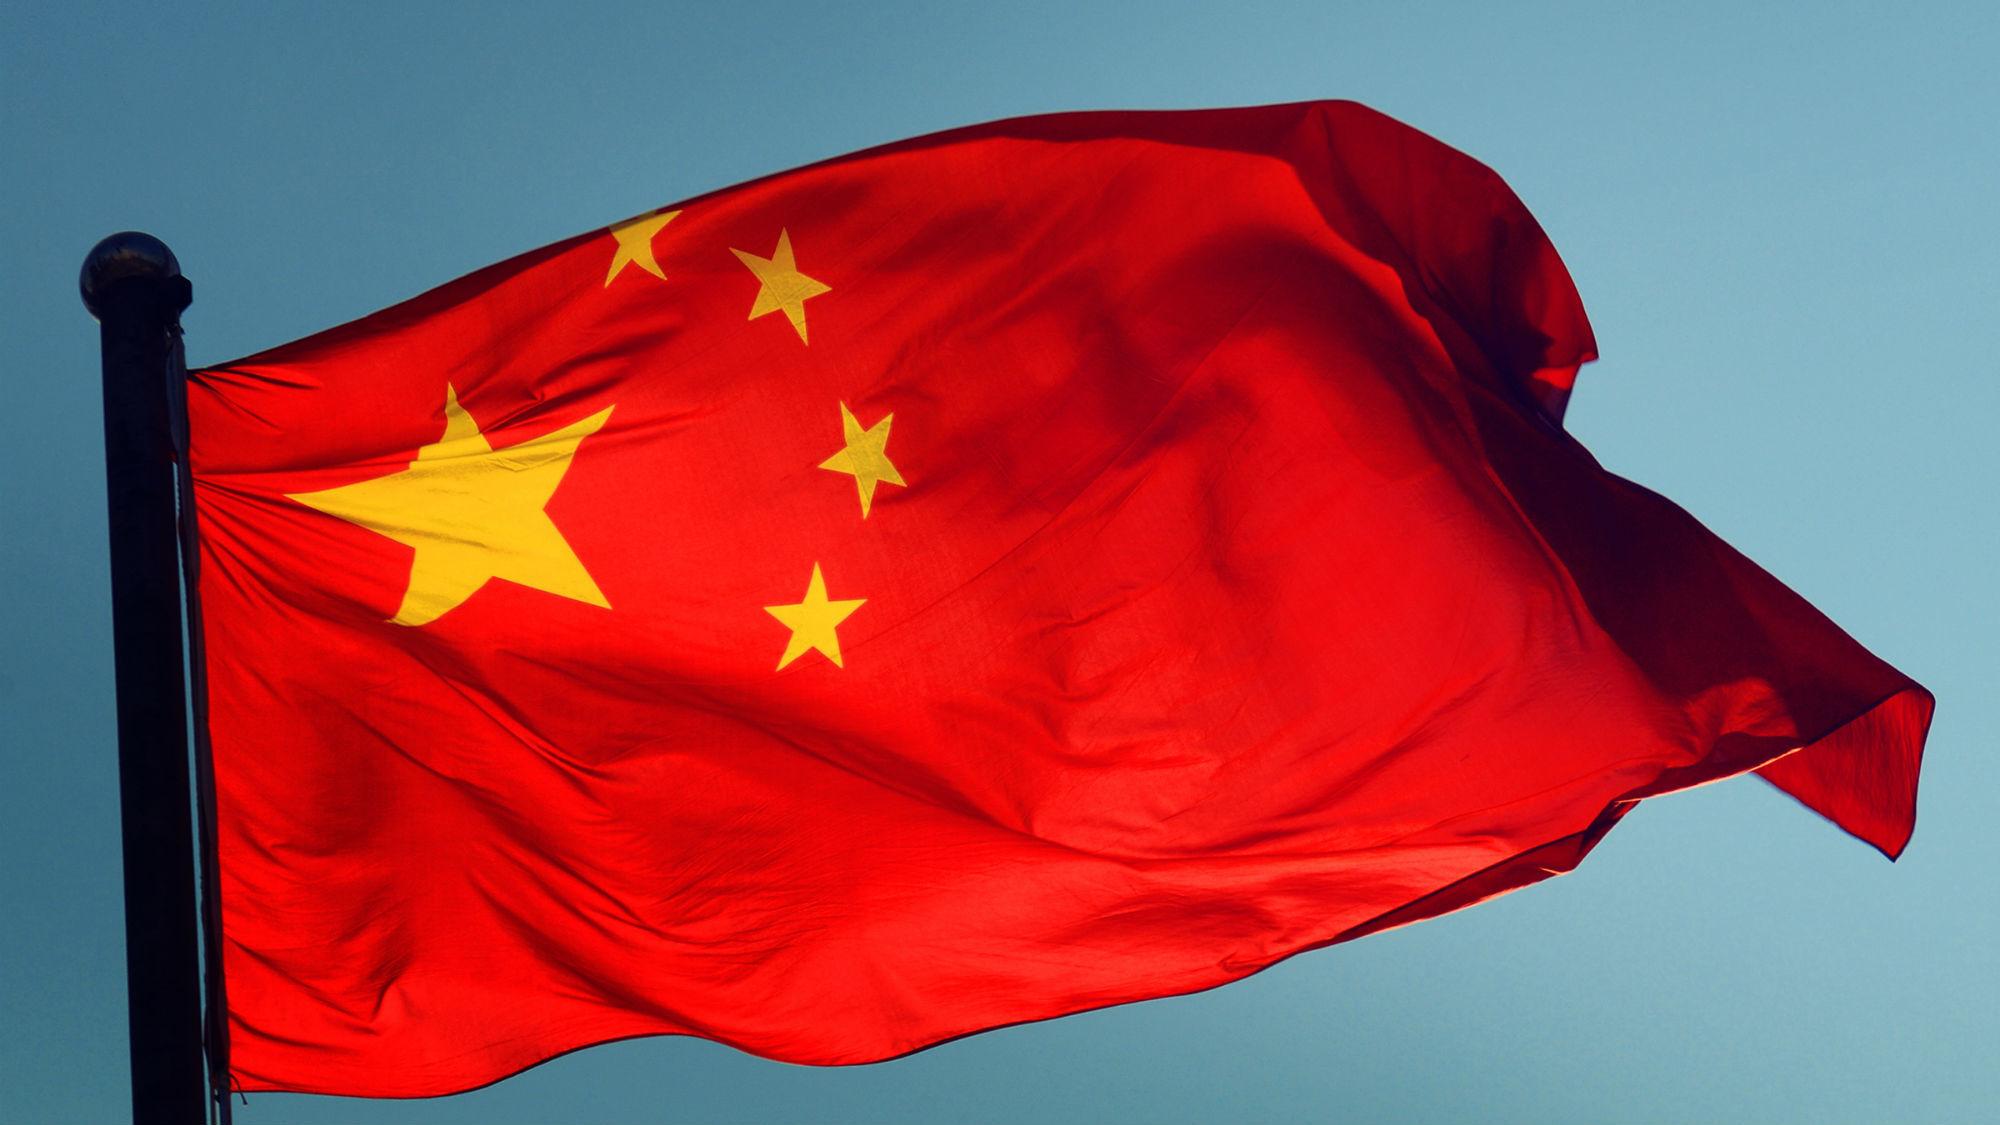 中国が目指す「国際社会の中での位置付け」とは?